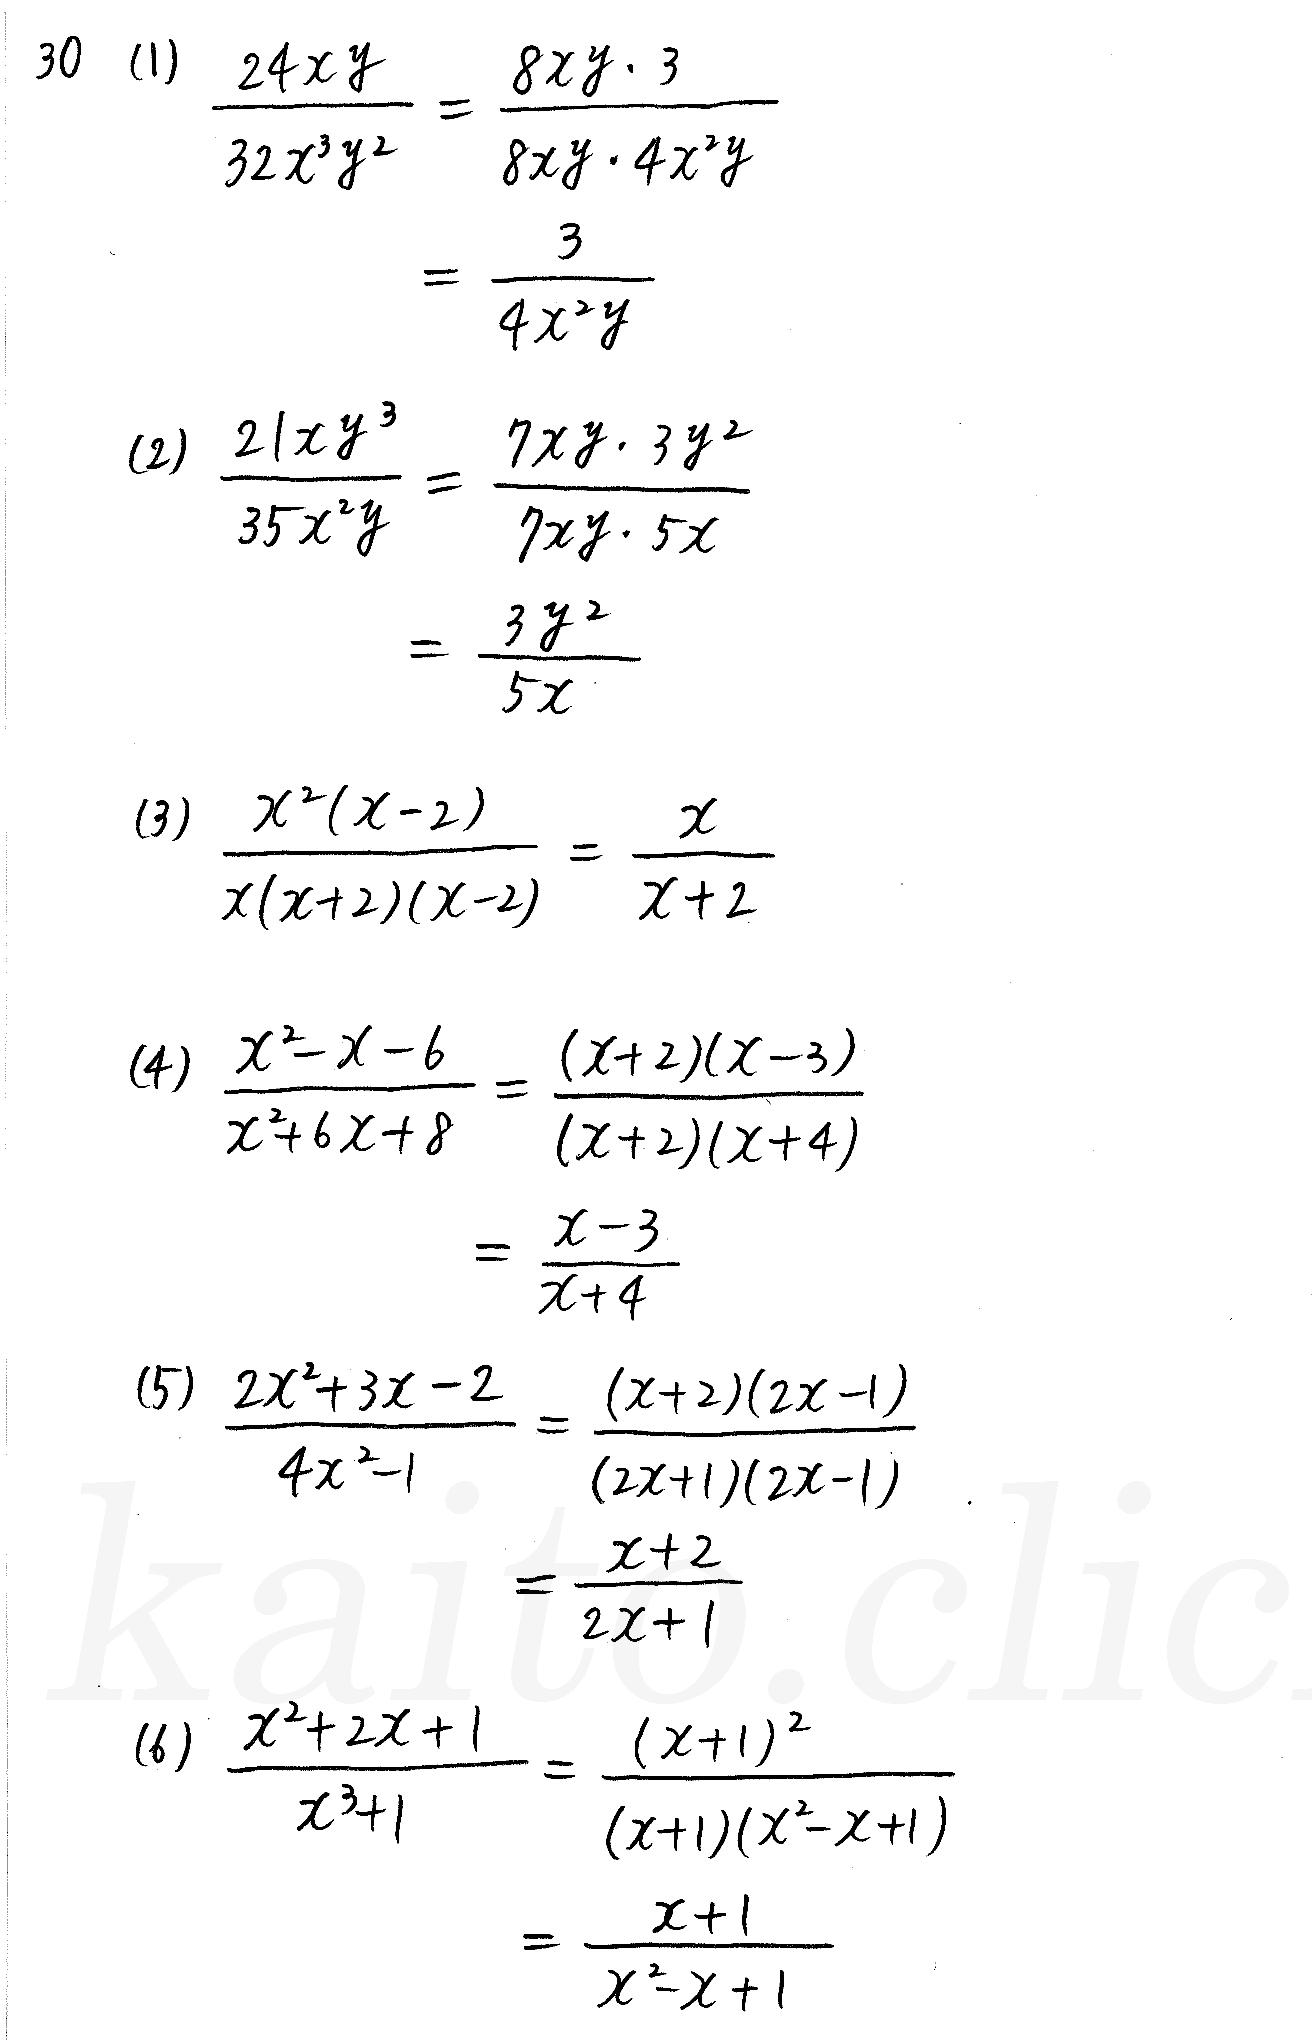 クリアー数学2-30解答